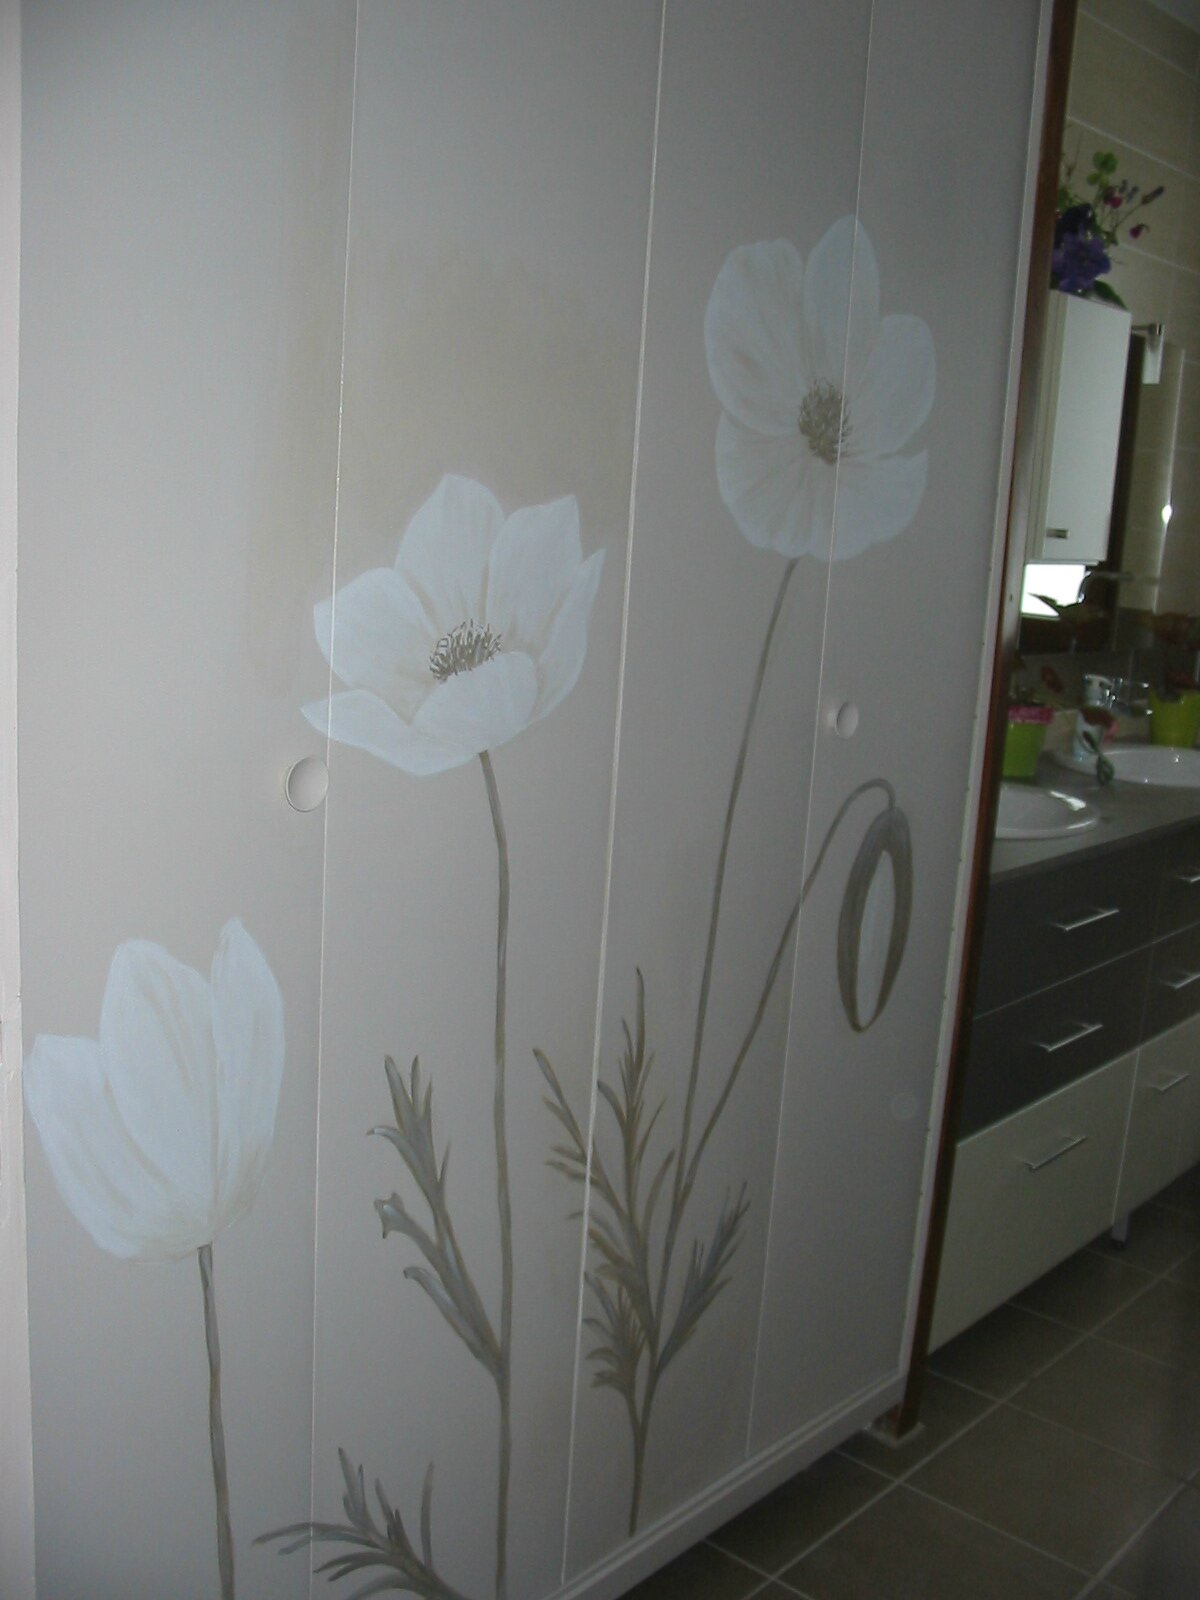 Decoration d 39 un placard photo de decoration d 39 interieur tendance peinture et patine for Peinture d interieur tendance